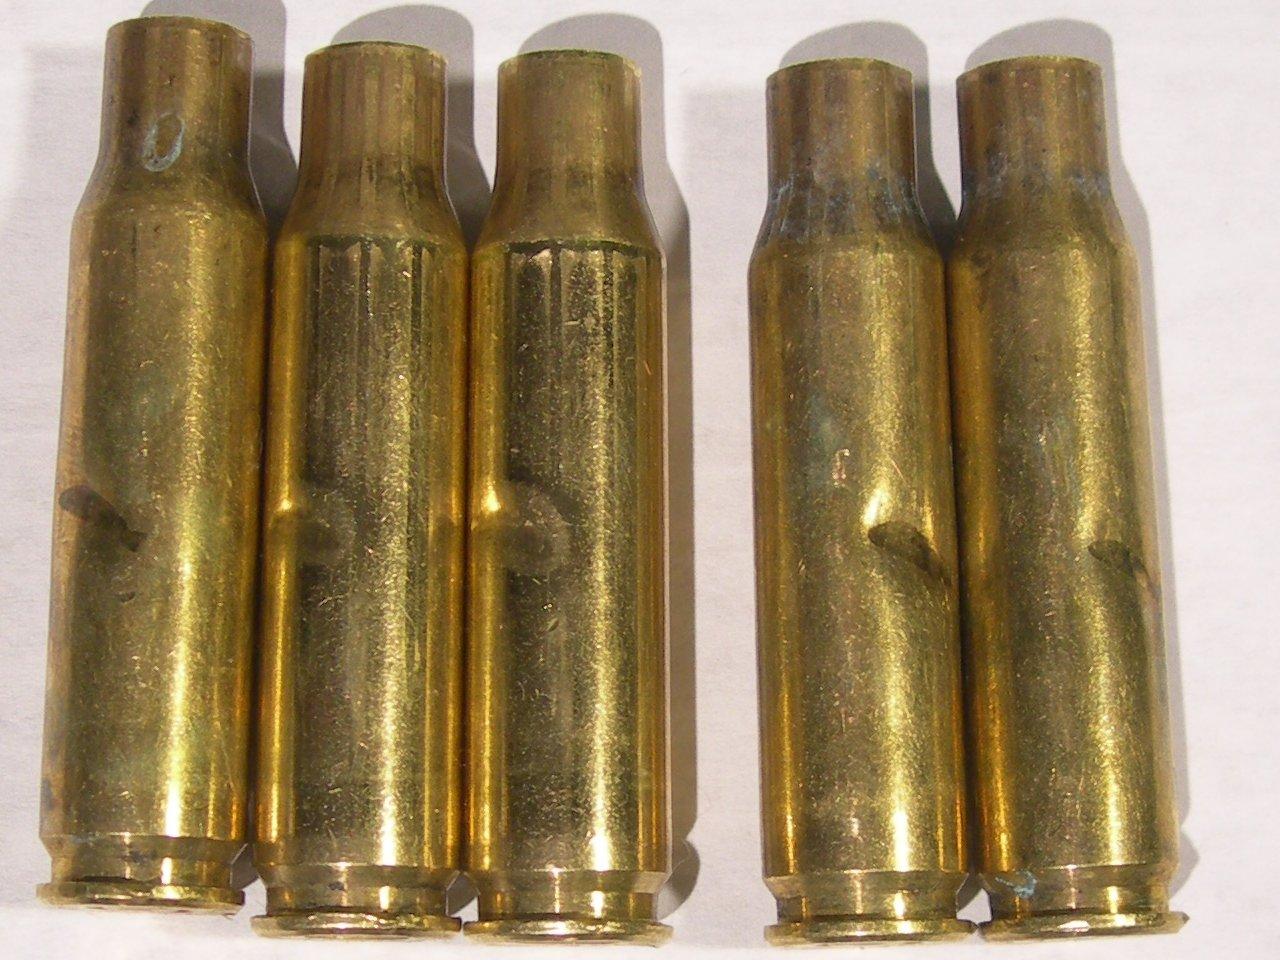 Weirdly Damaged .308 Brass